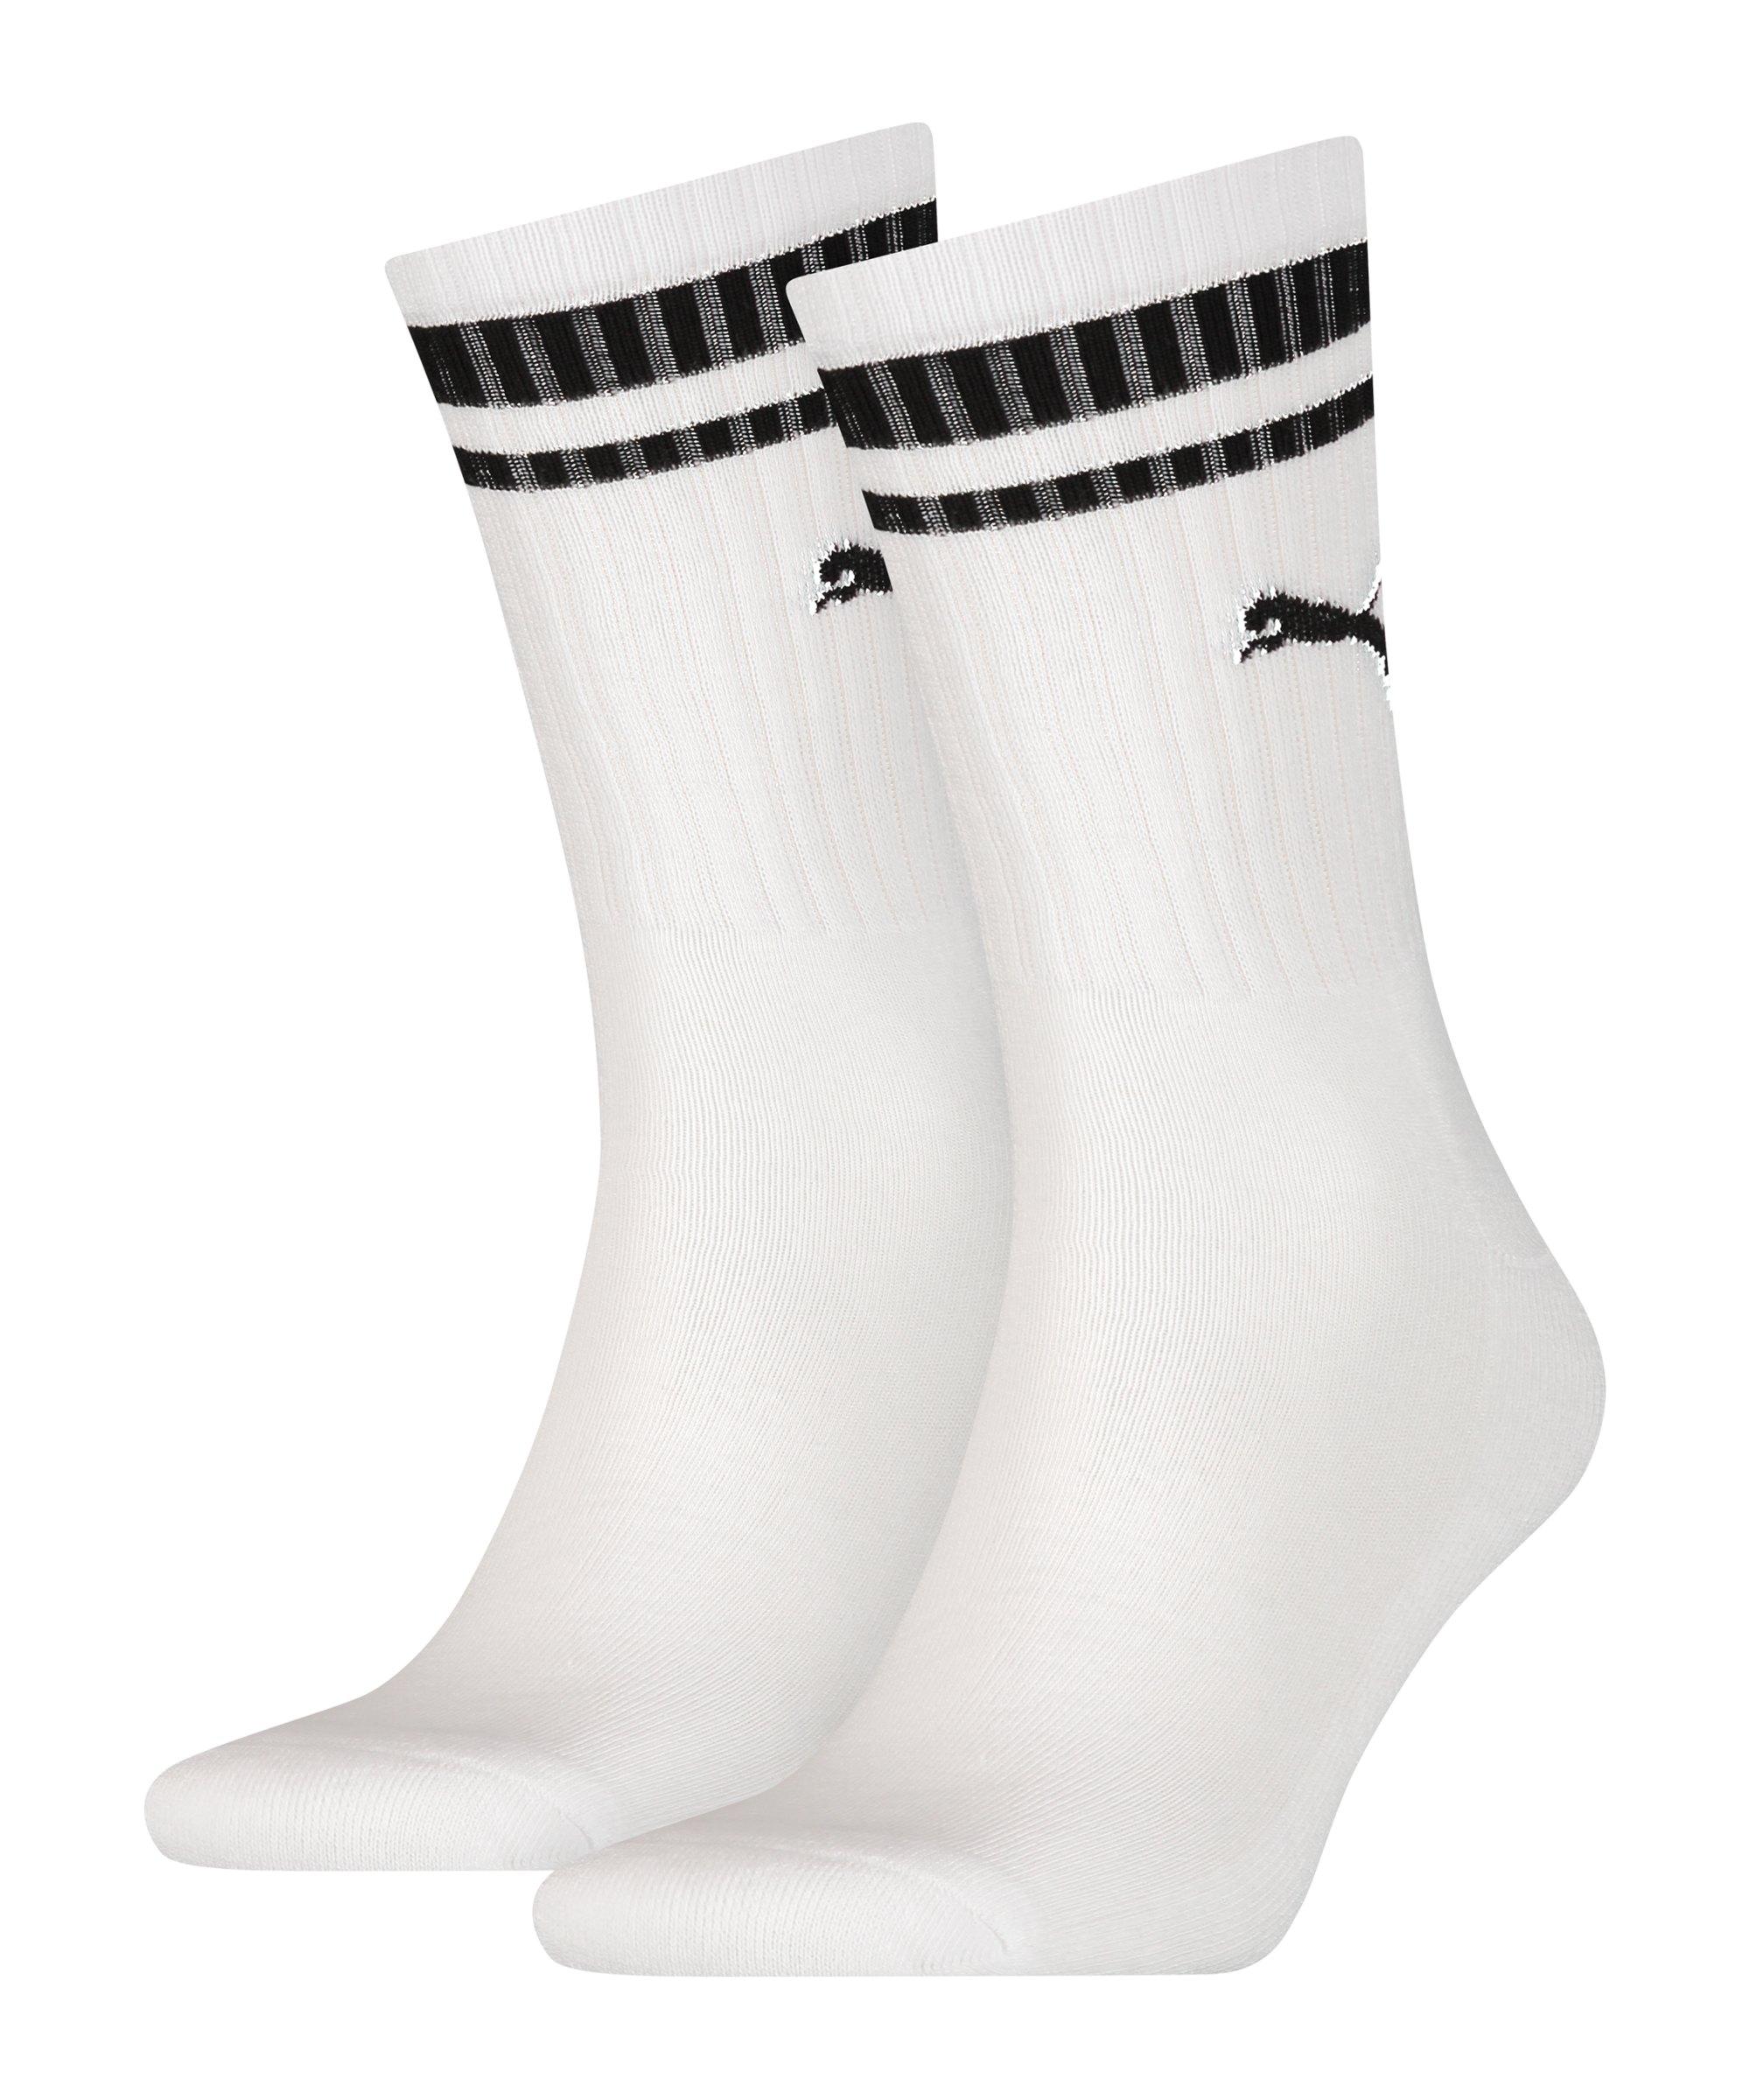 PUMA Crew Heritage Stripe 2er Pack Socken F002 - weiss